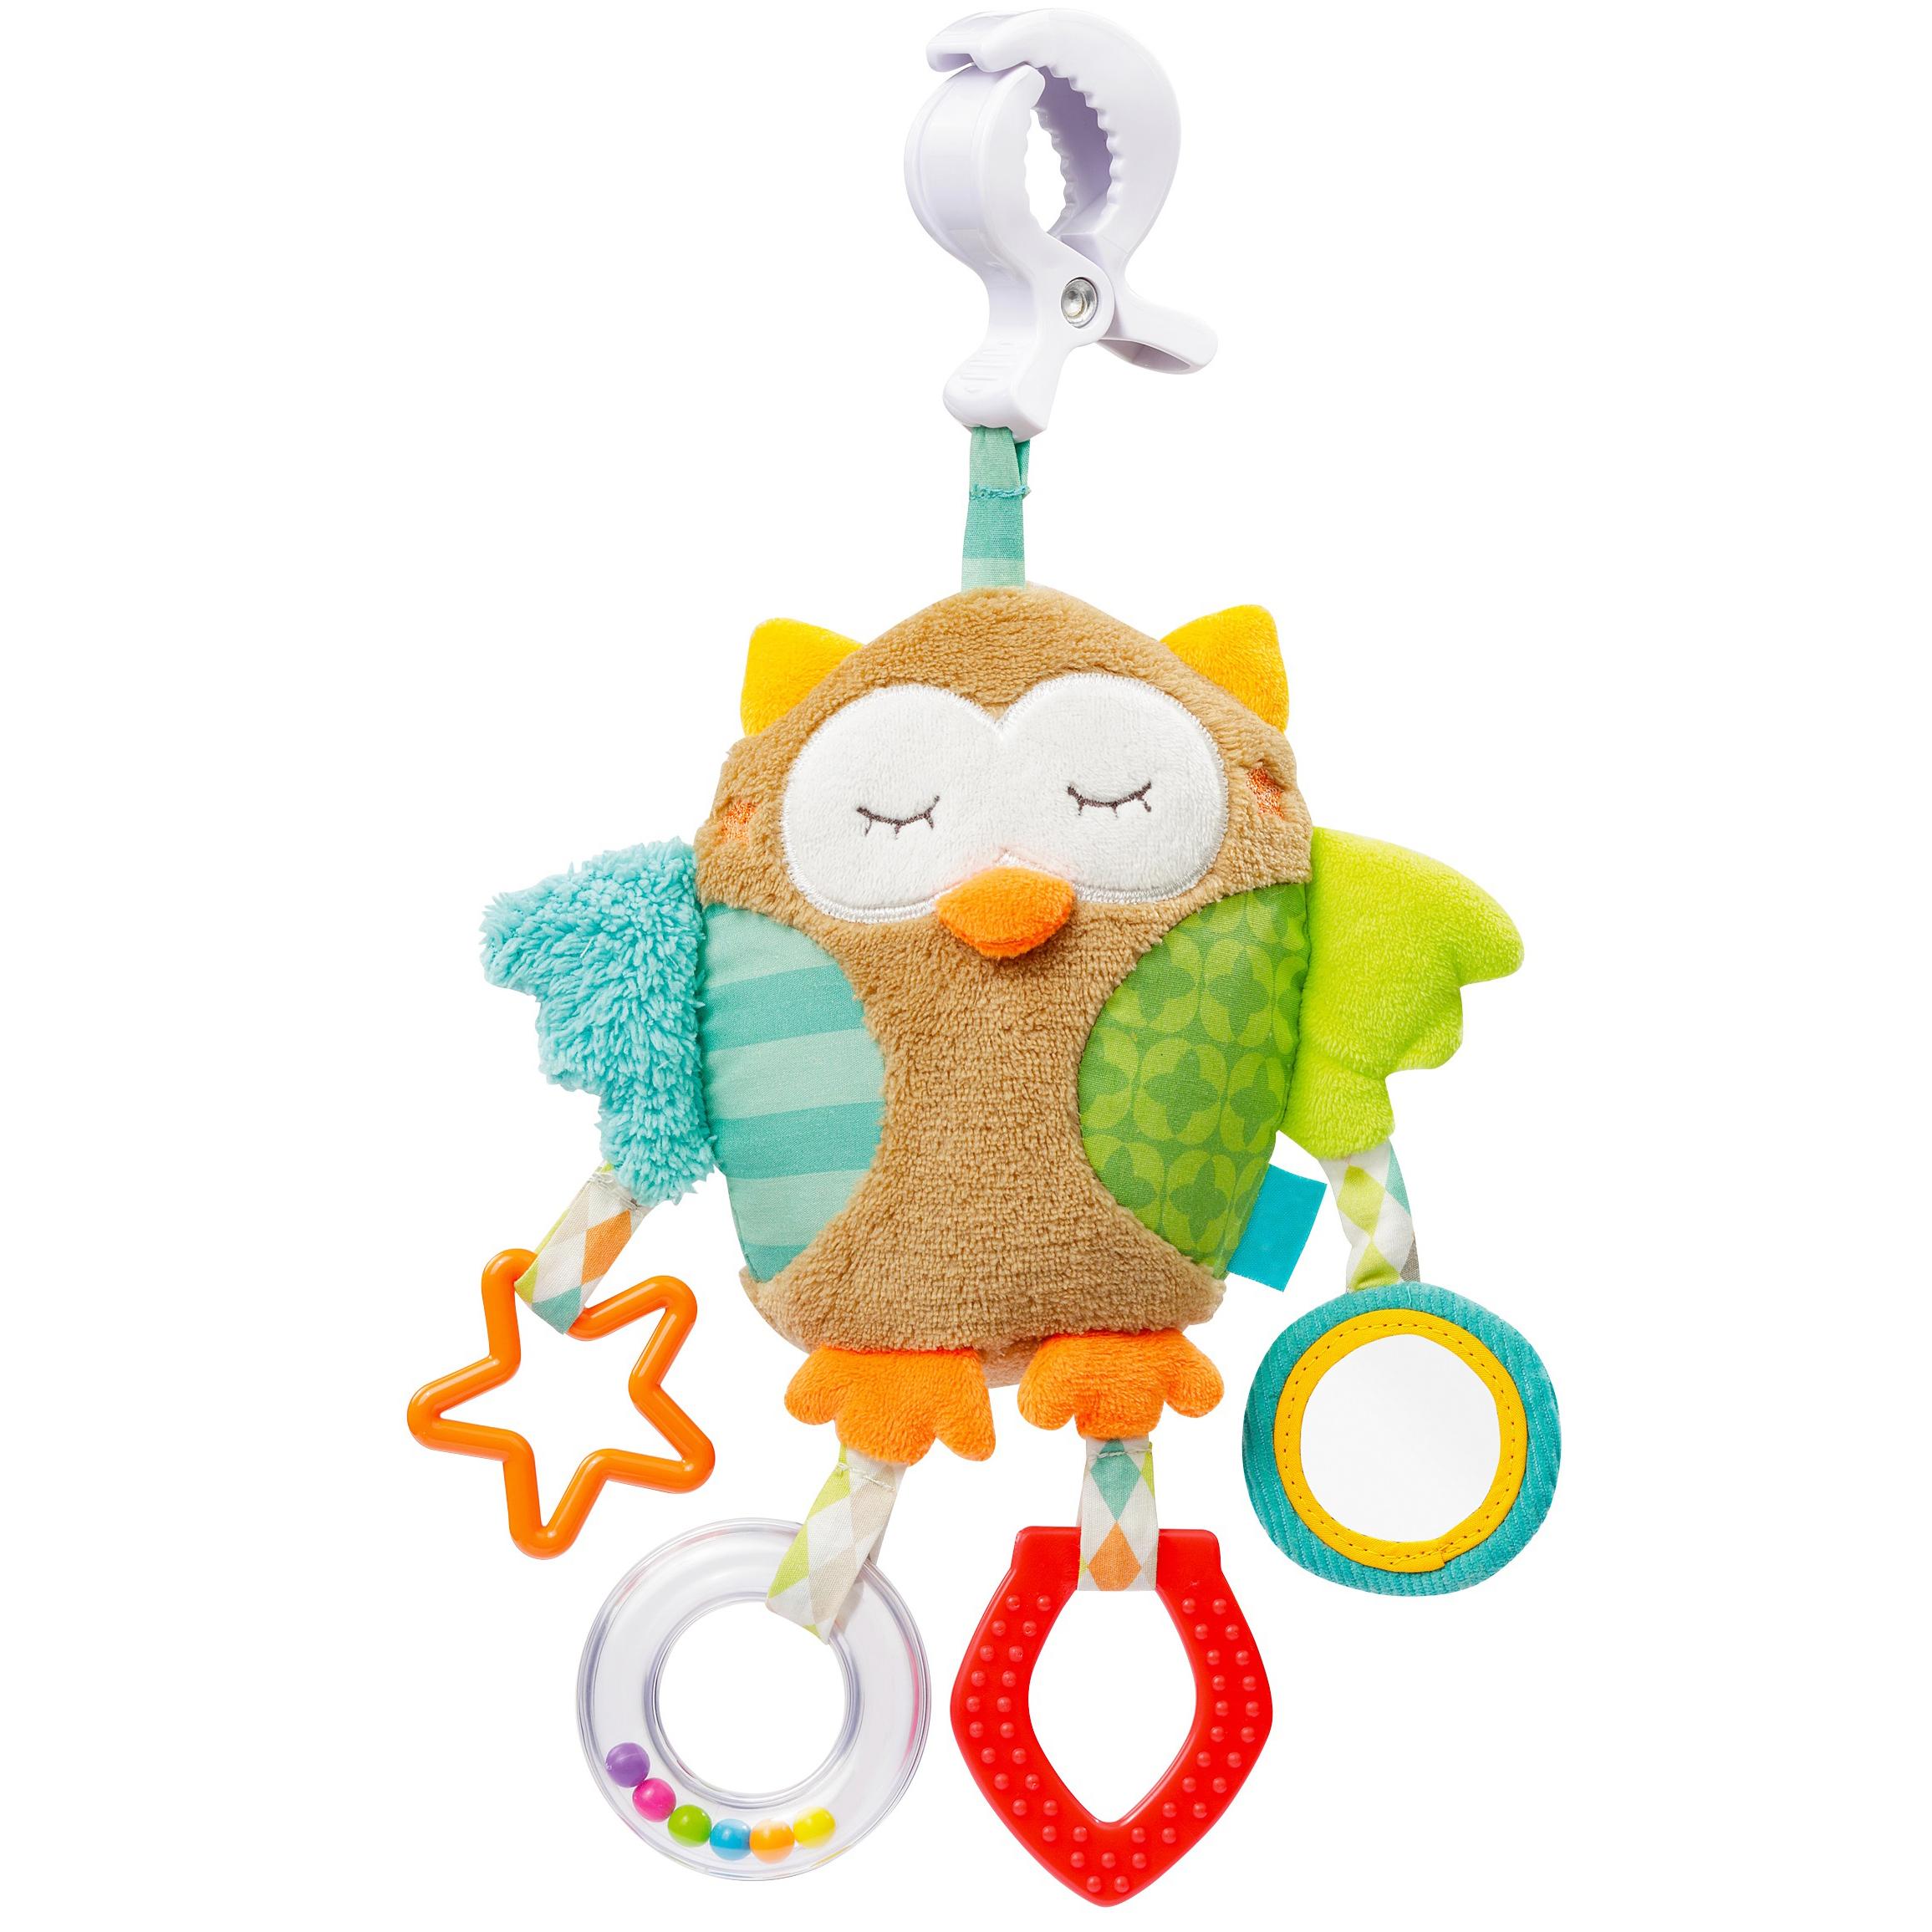 Развивающая игрушка Baby Fehn Сова Арт.: 071160  (12 шт)